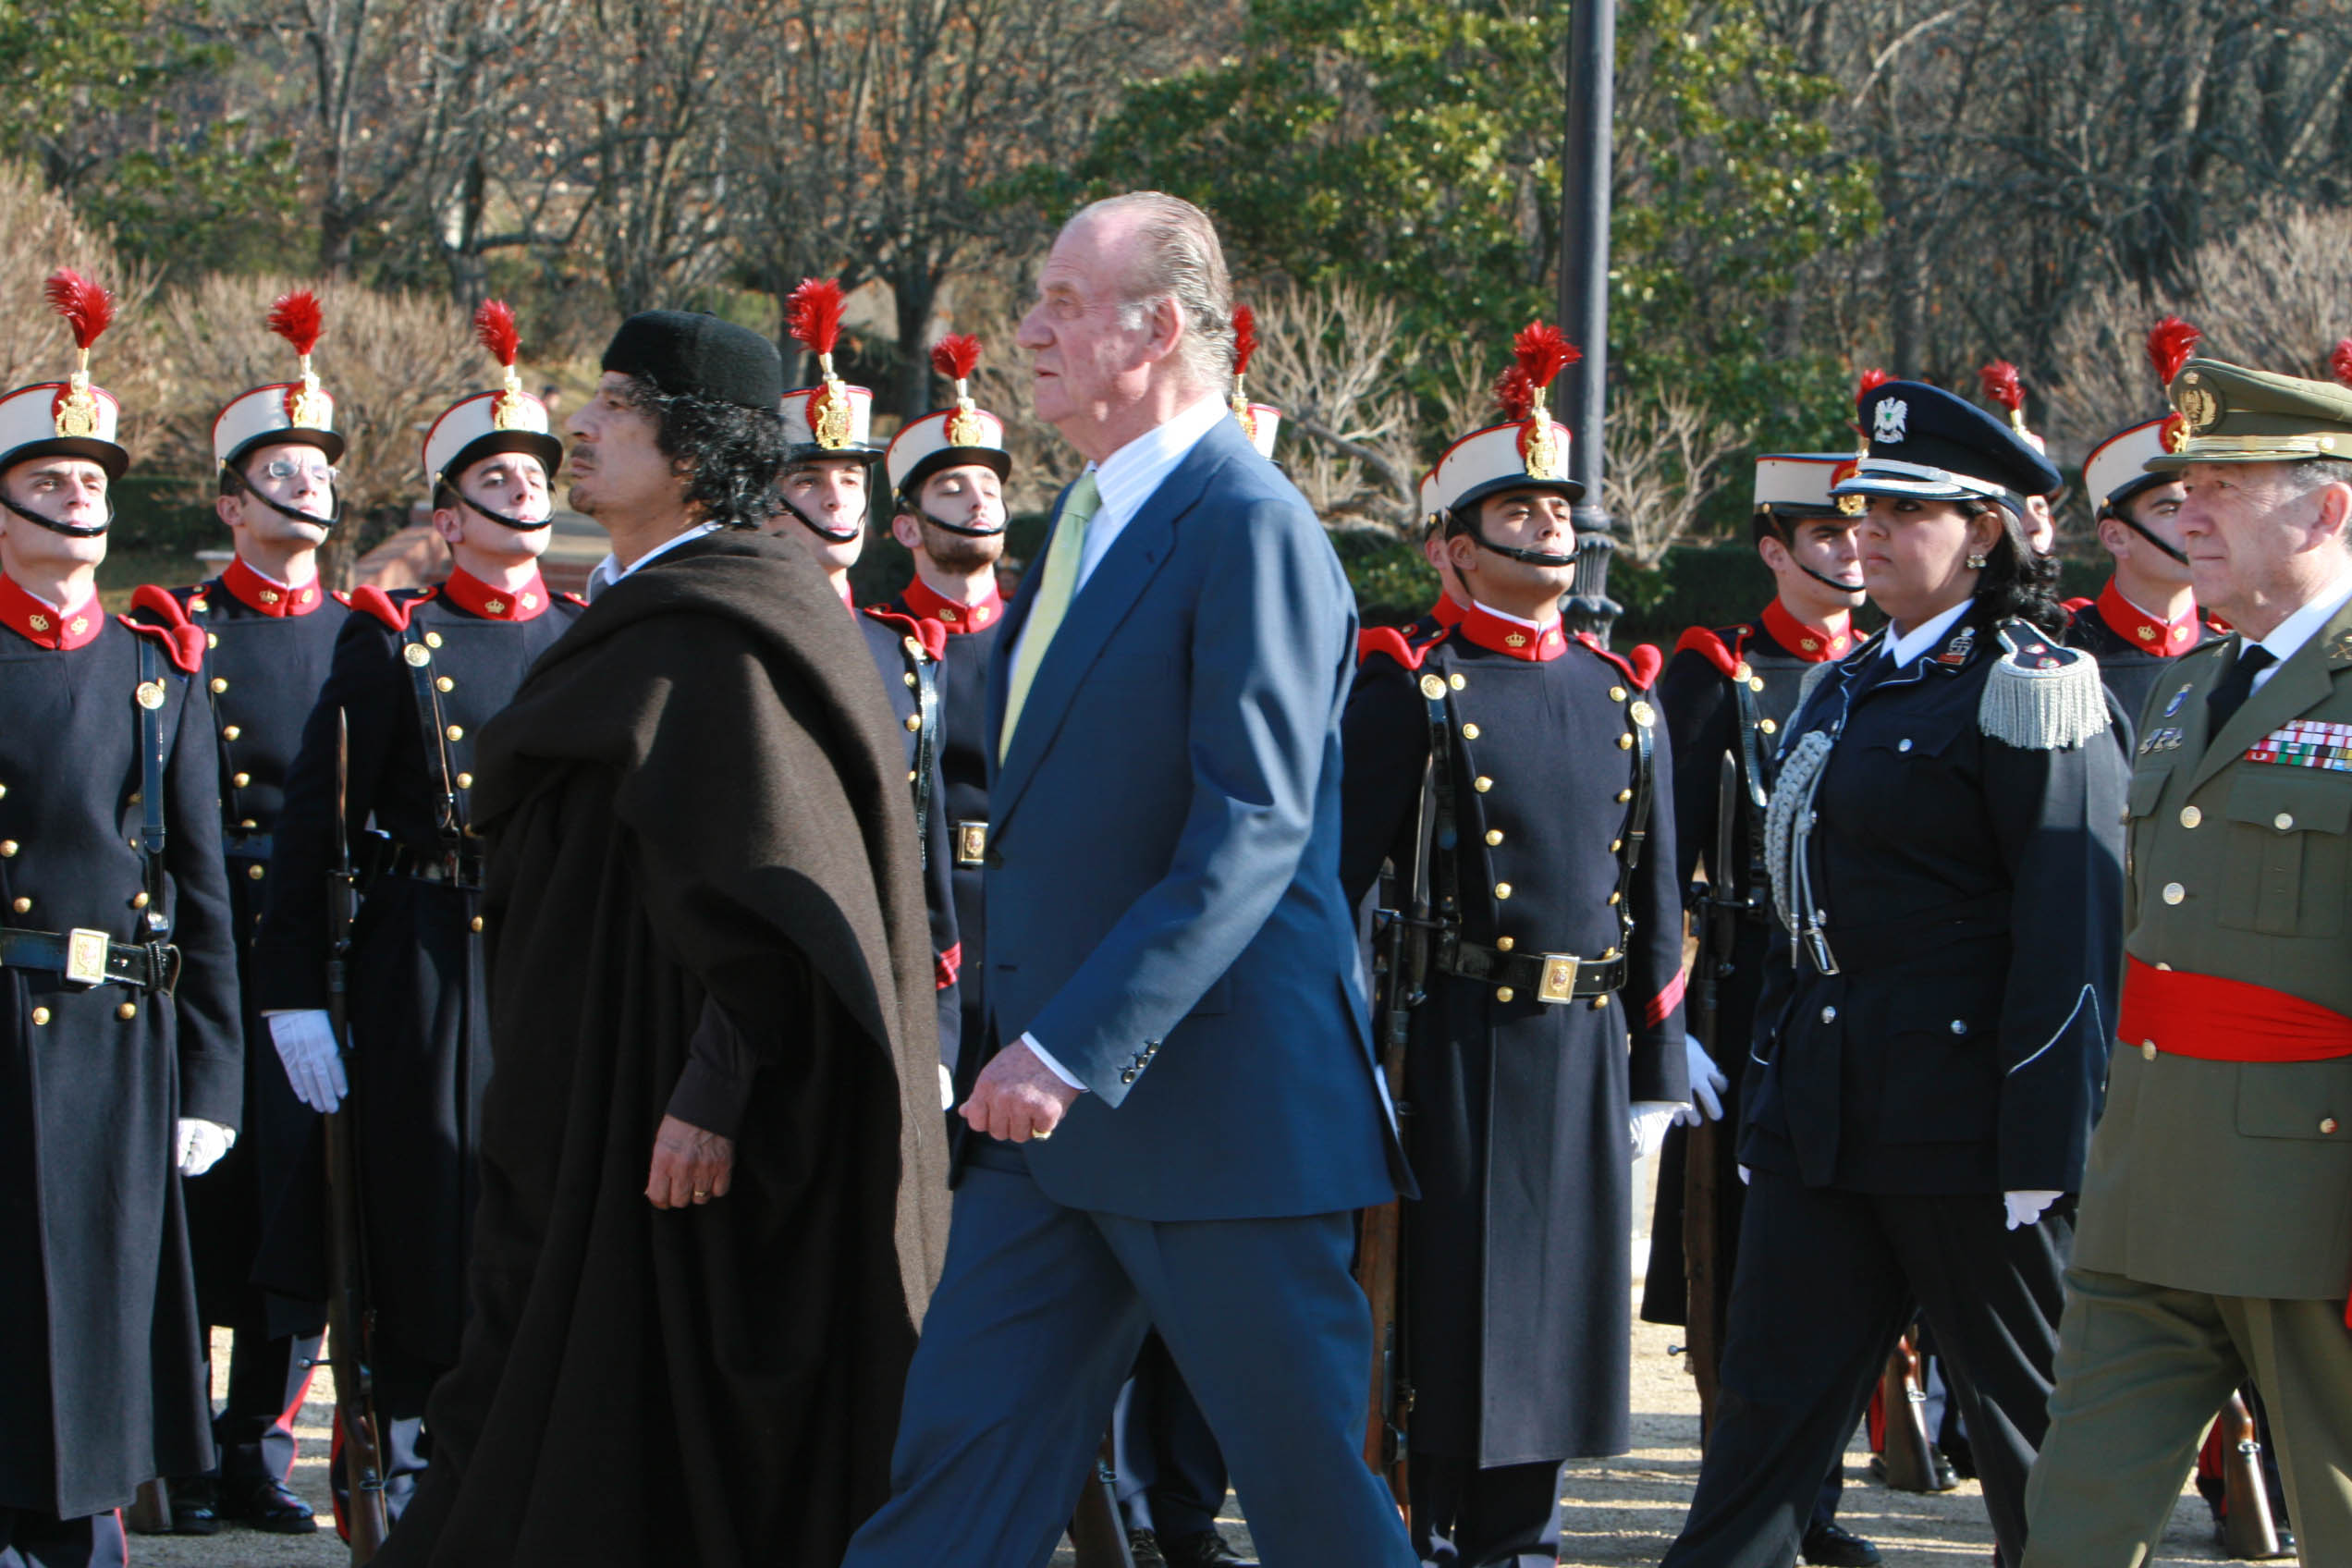 .سجل حضورك ... بصورة تعز عليك ... للبطل الشهيد القائد معمر القذافي - صفحة 32 A1